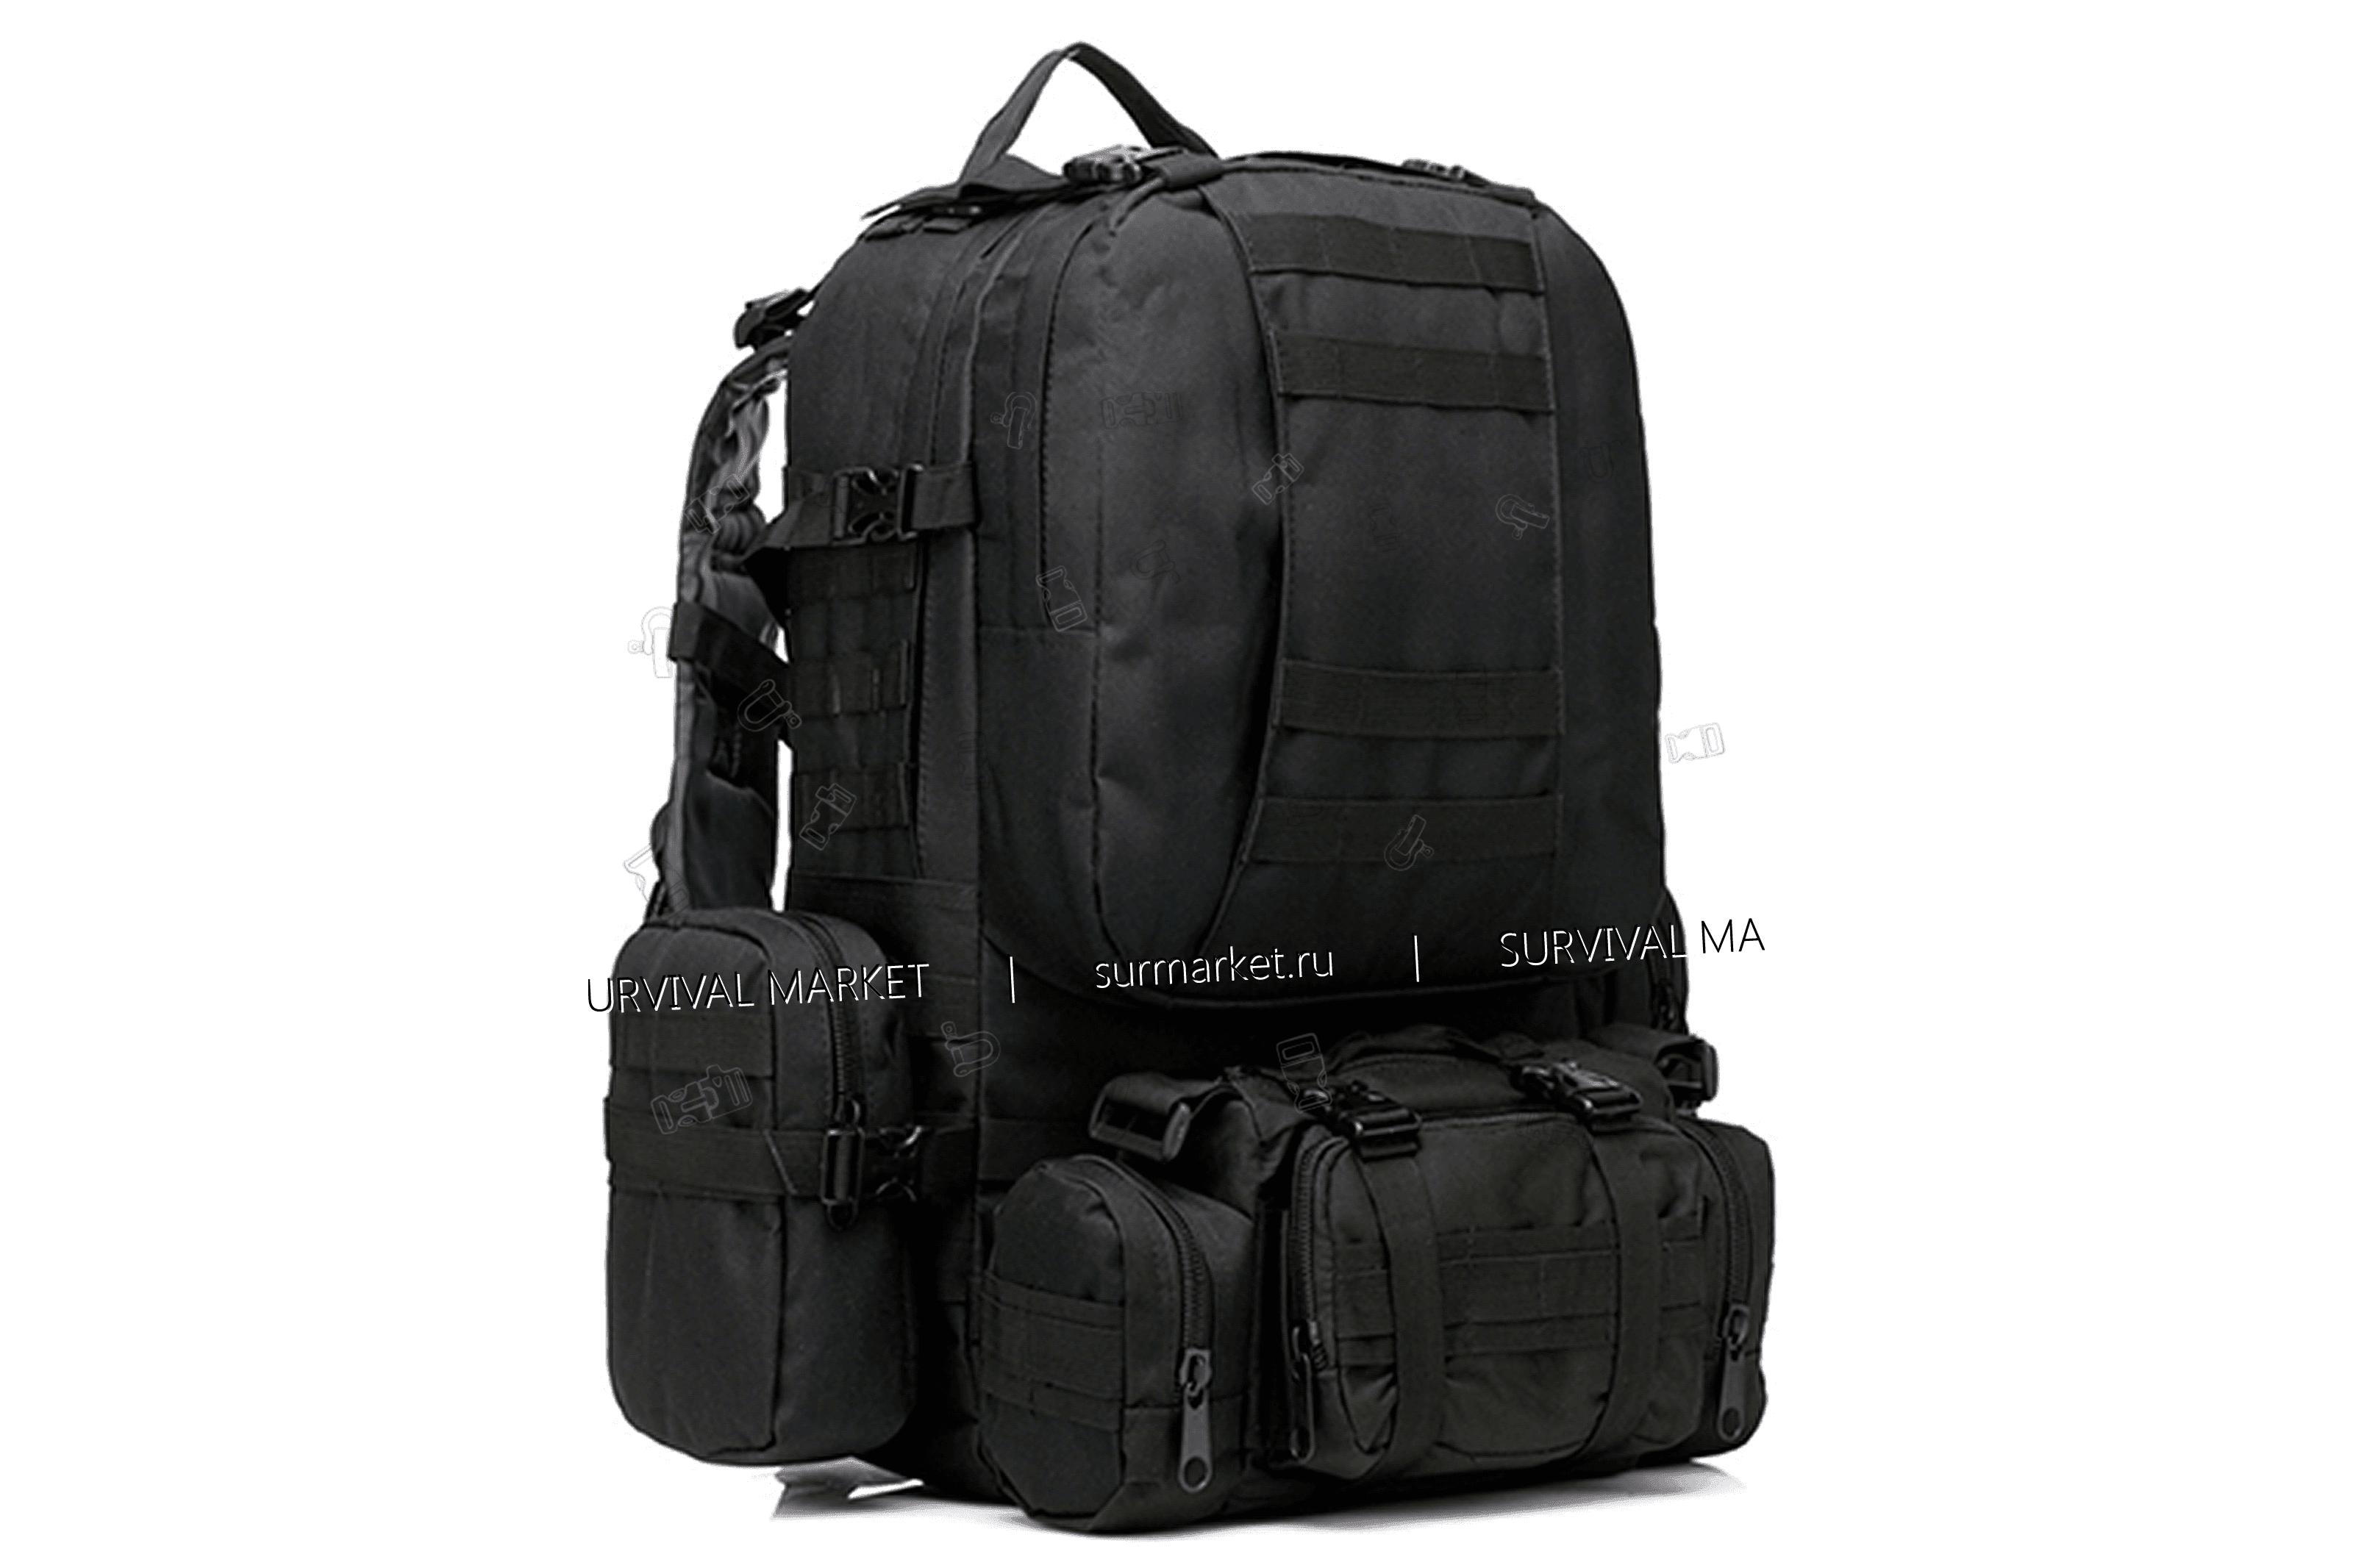 Тактические рюкзаки 35-50литров рюкзаки для школы эрик краузе